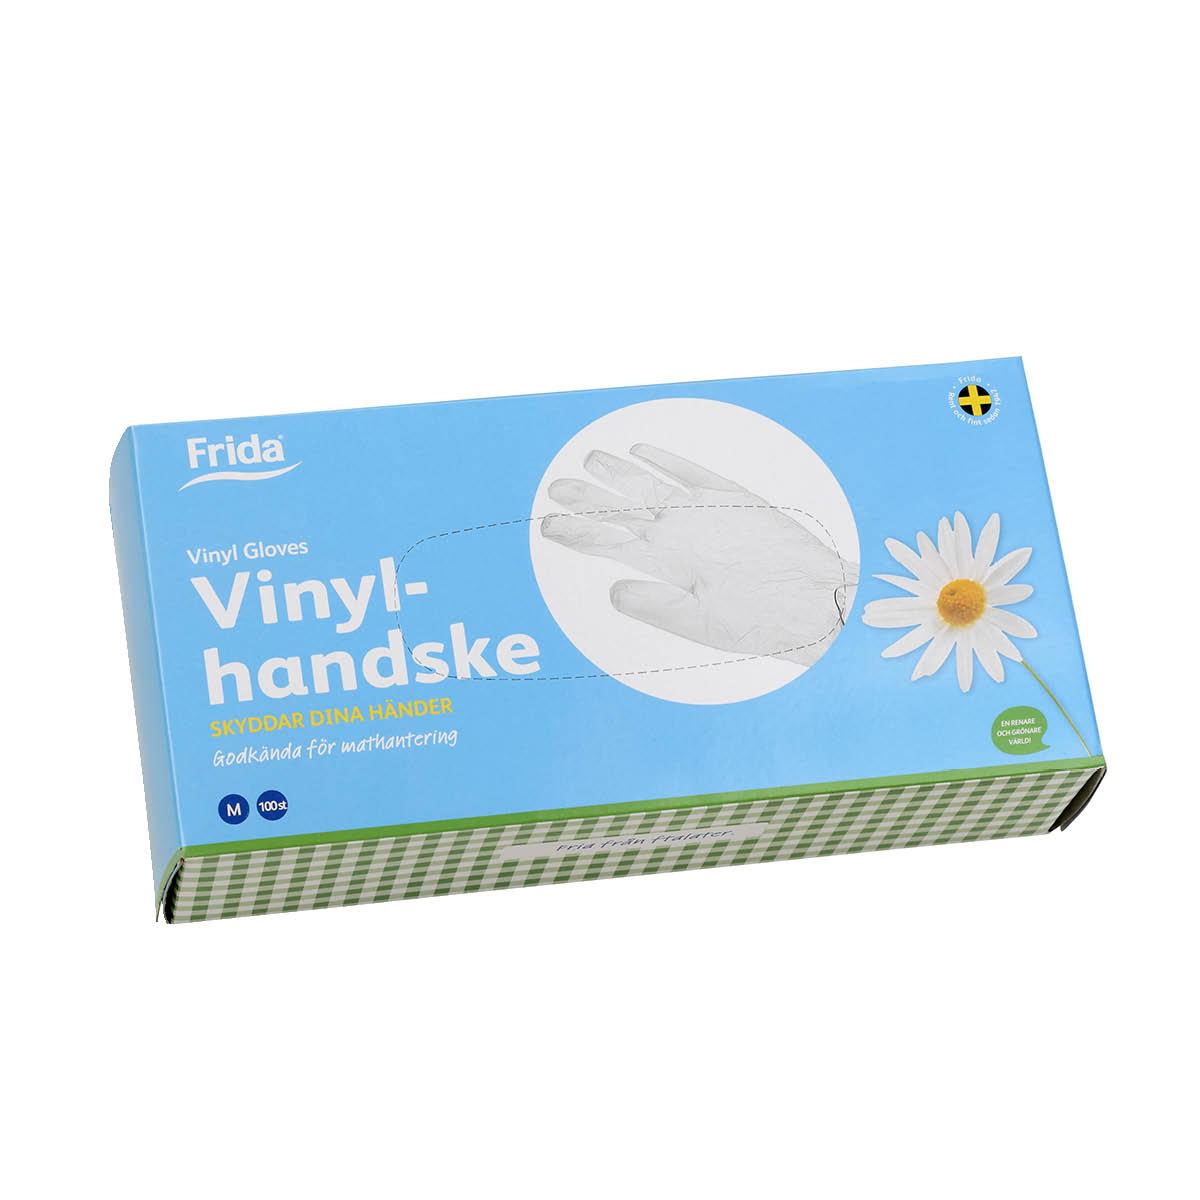 Vinylhandske